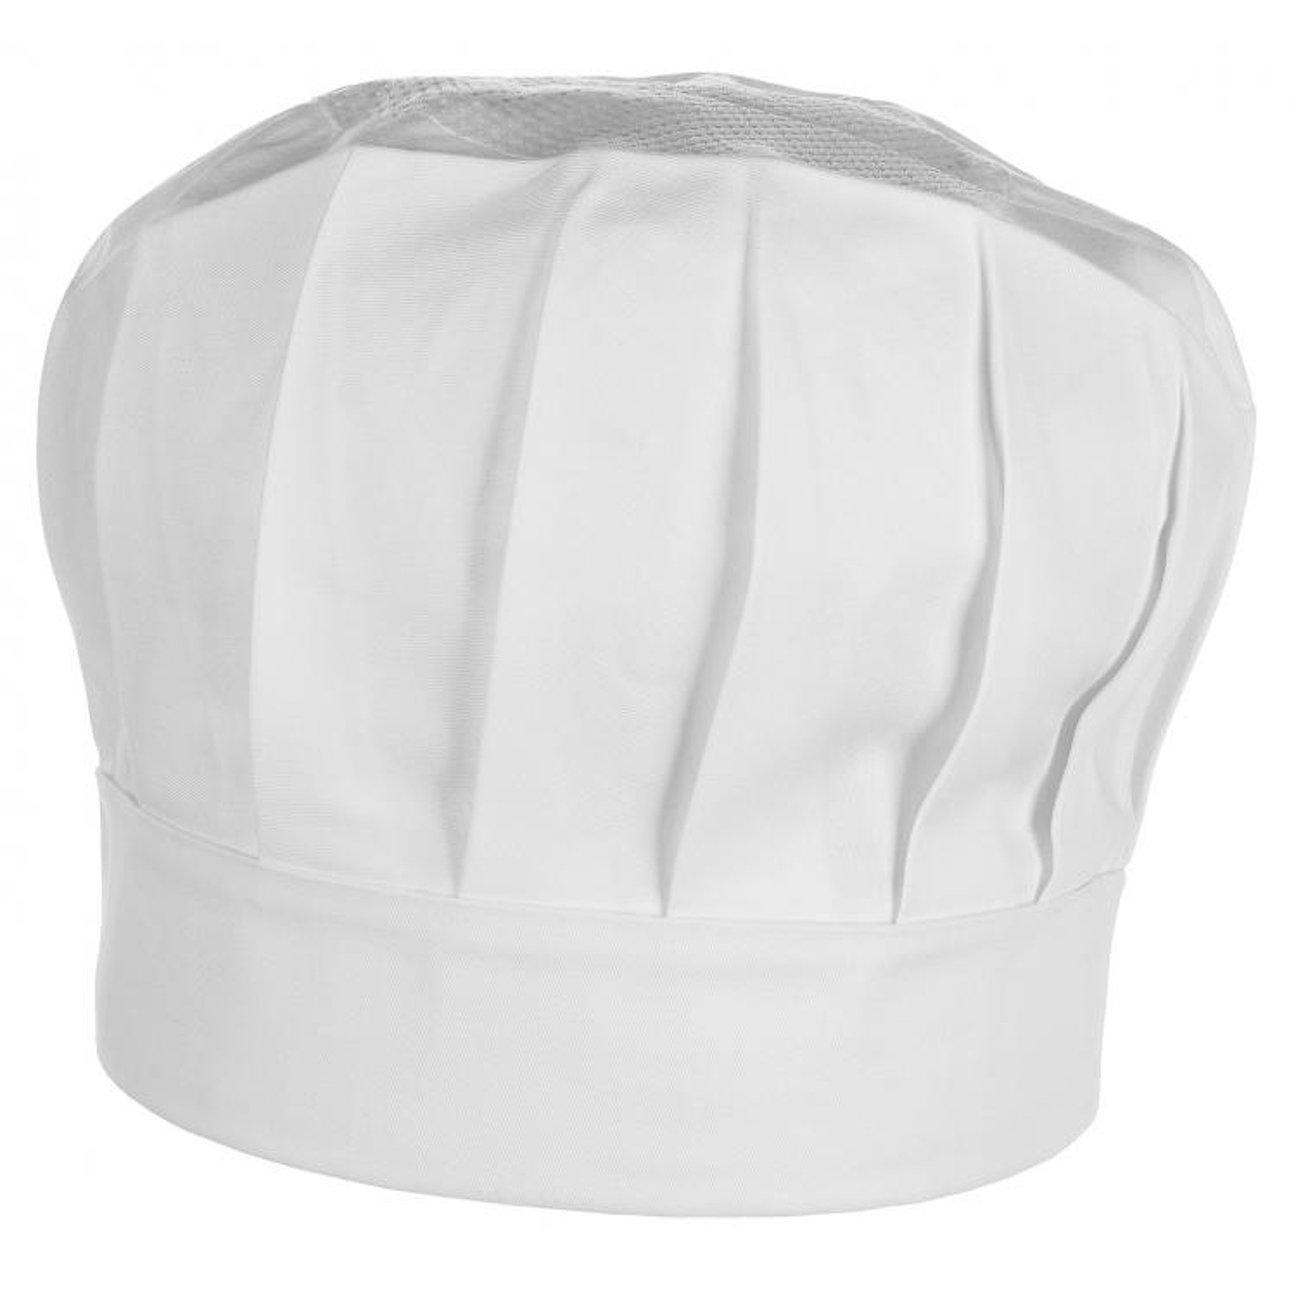 Cappello da Cuoco Liguria Meno Alto Hutshopping